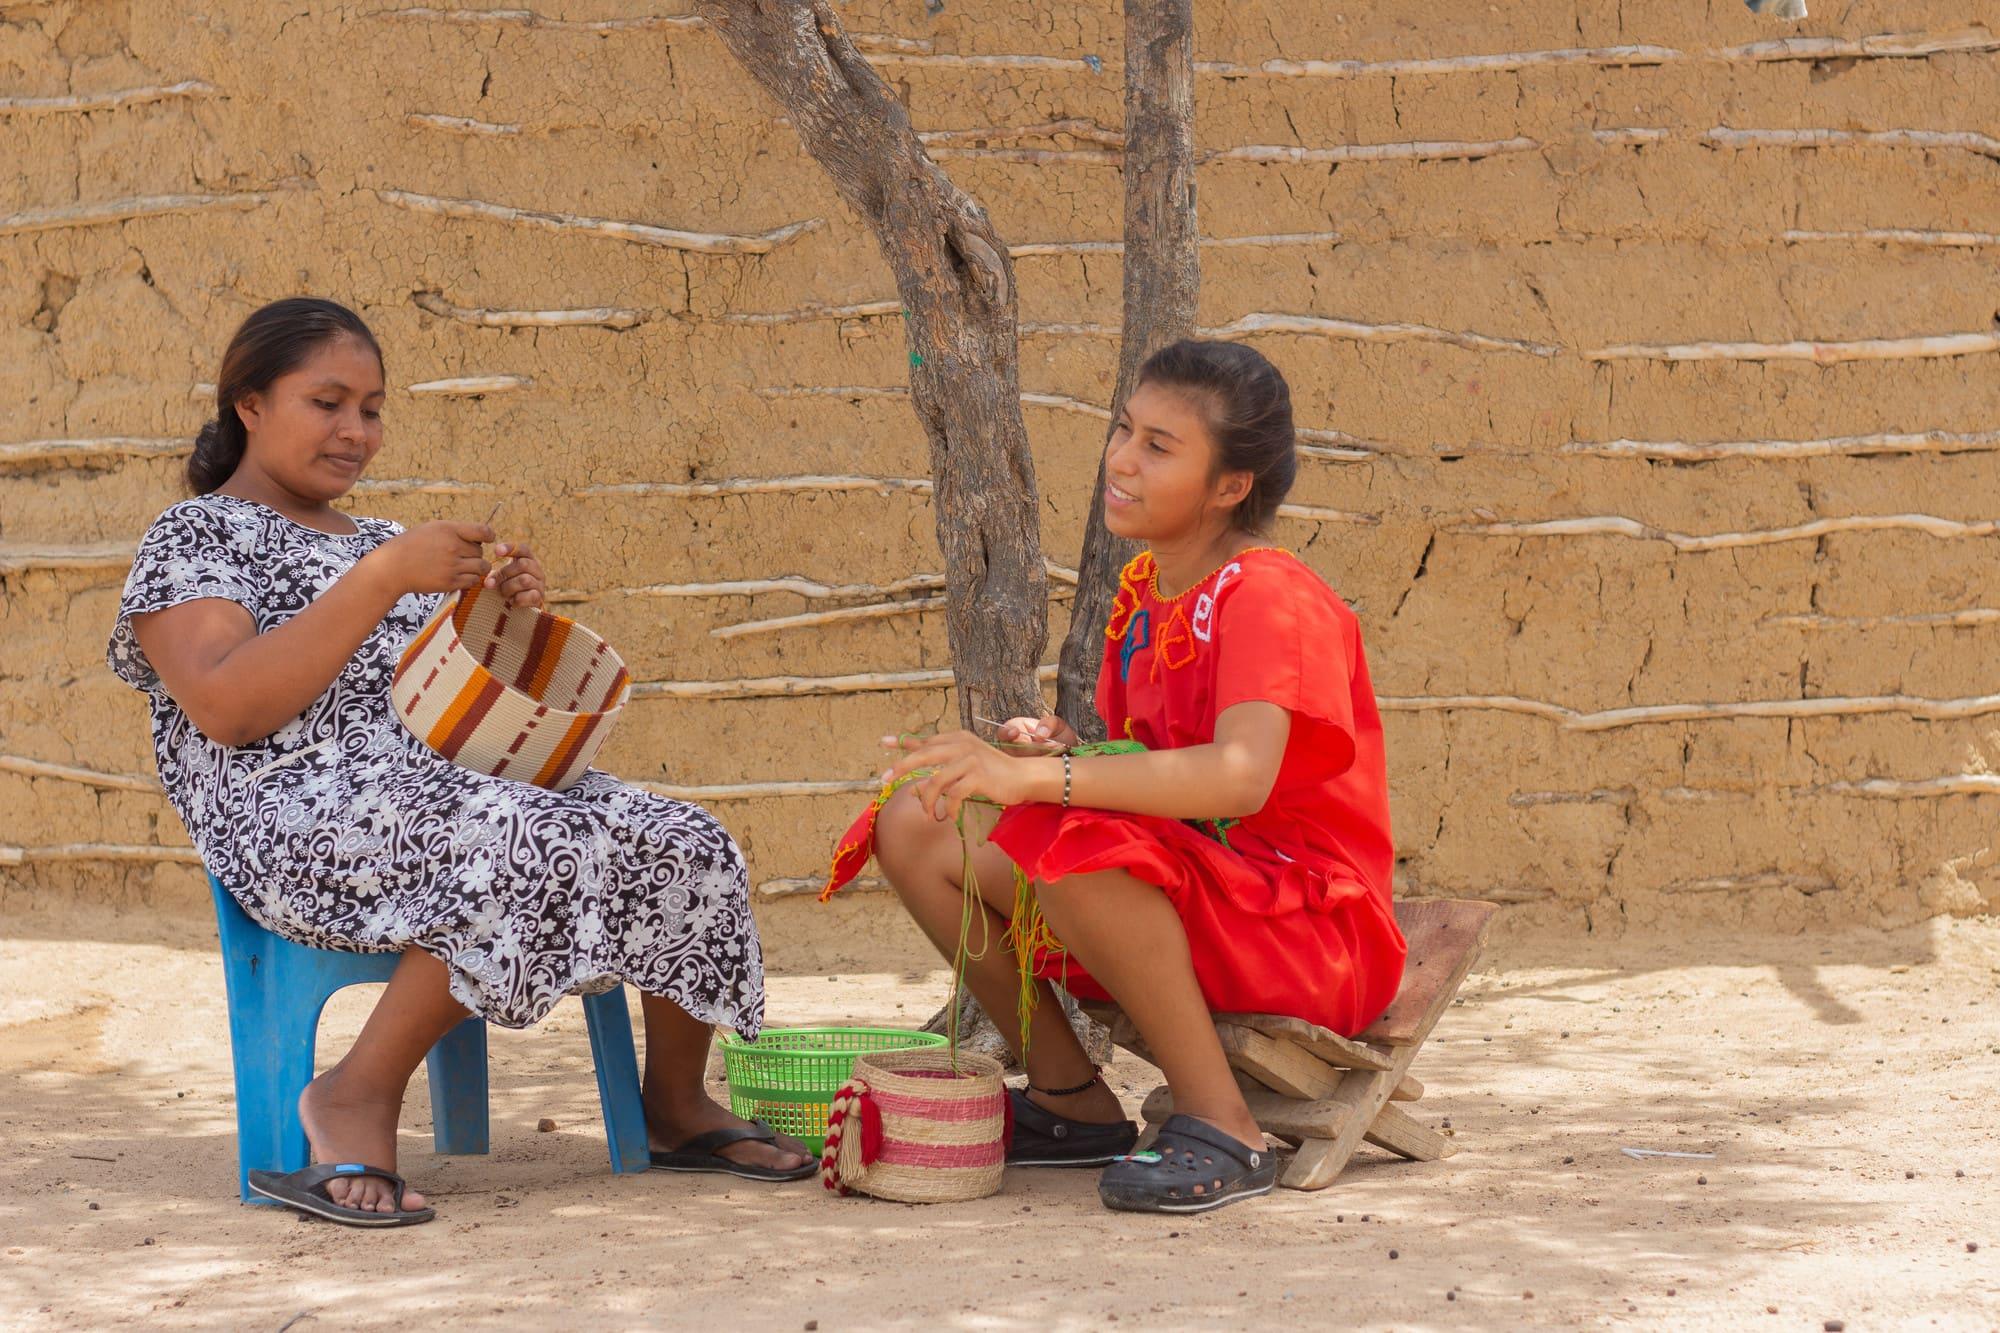 Dos mujeres Wayúu tejiendo mochila en una ranchería en Riohacha, La Guajira